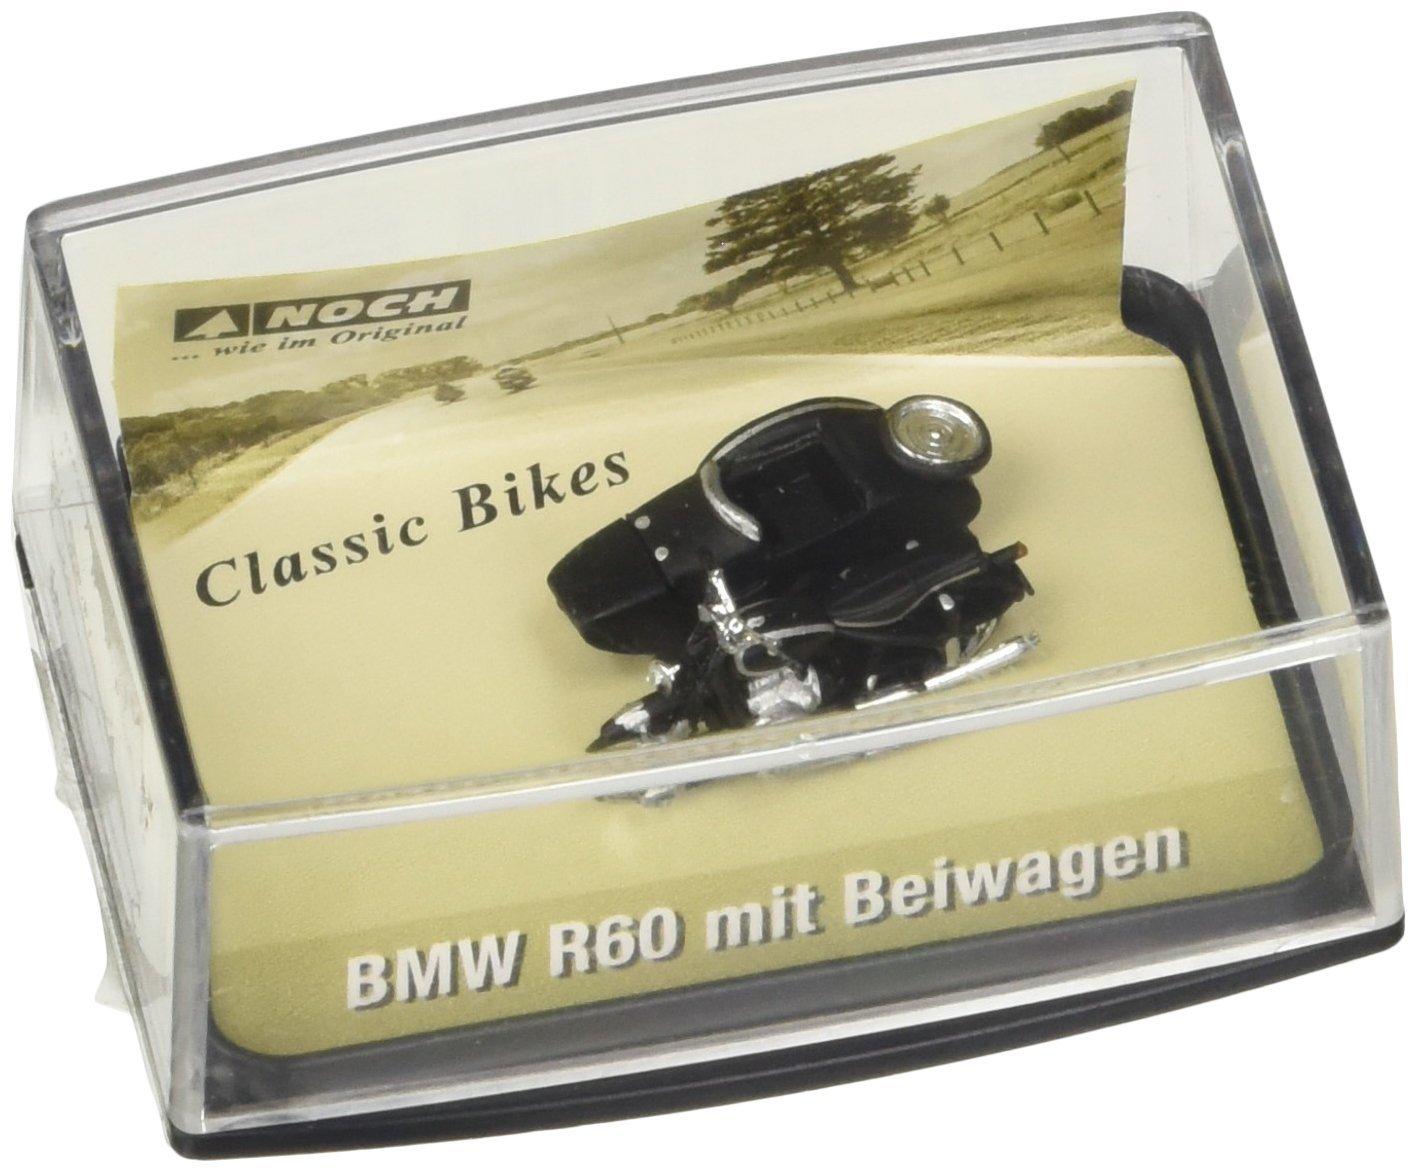 Noch 16402 BMW R60 with Sidecar Landscape Modelling